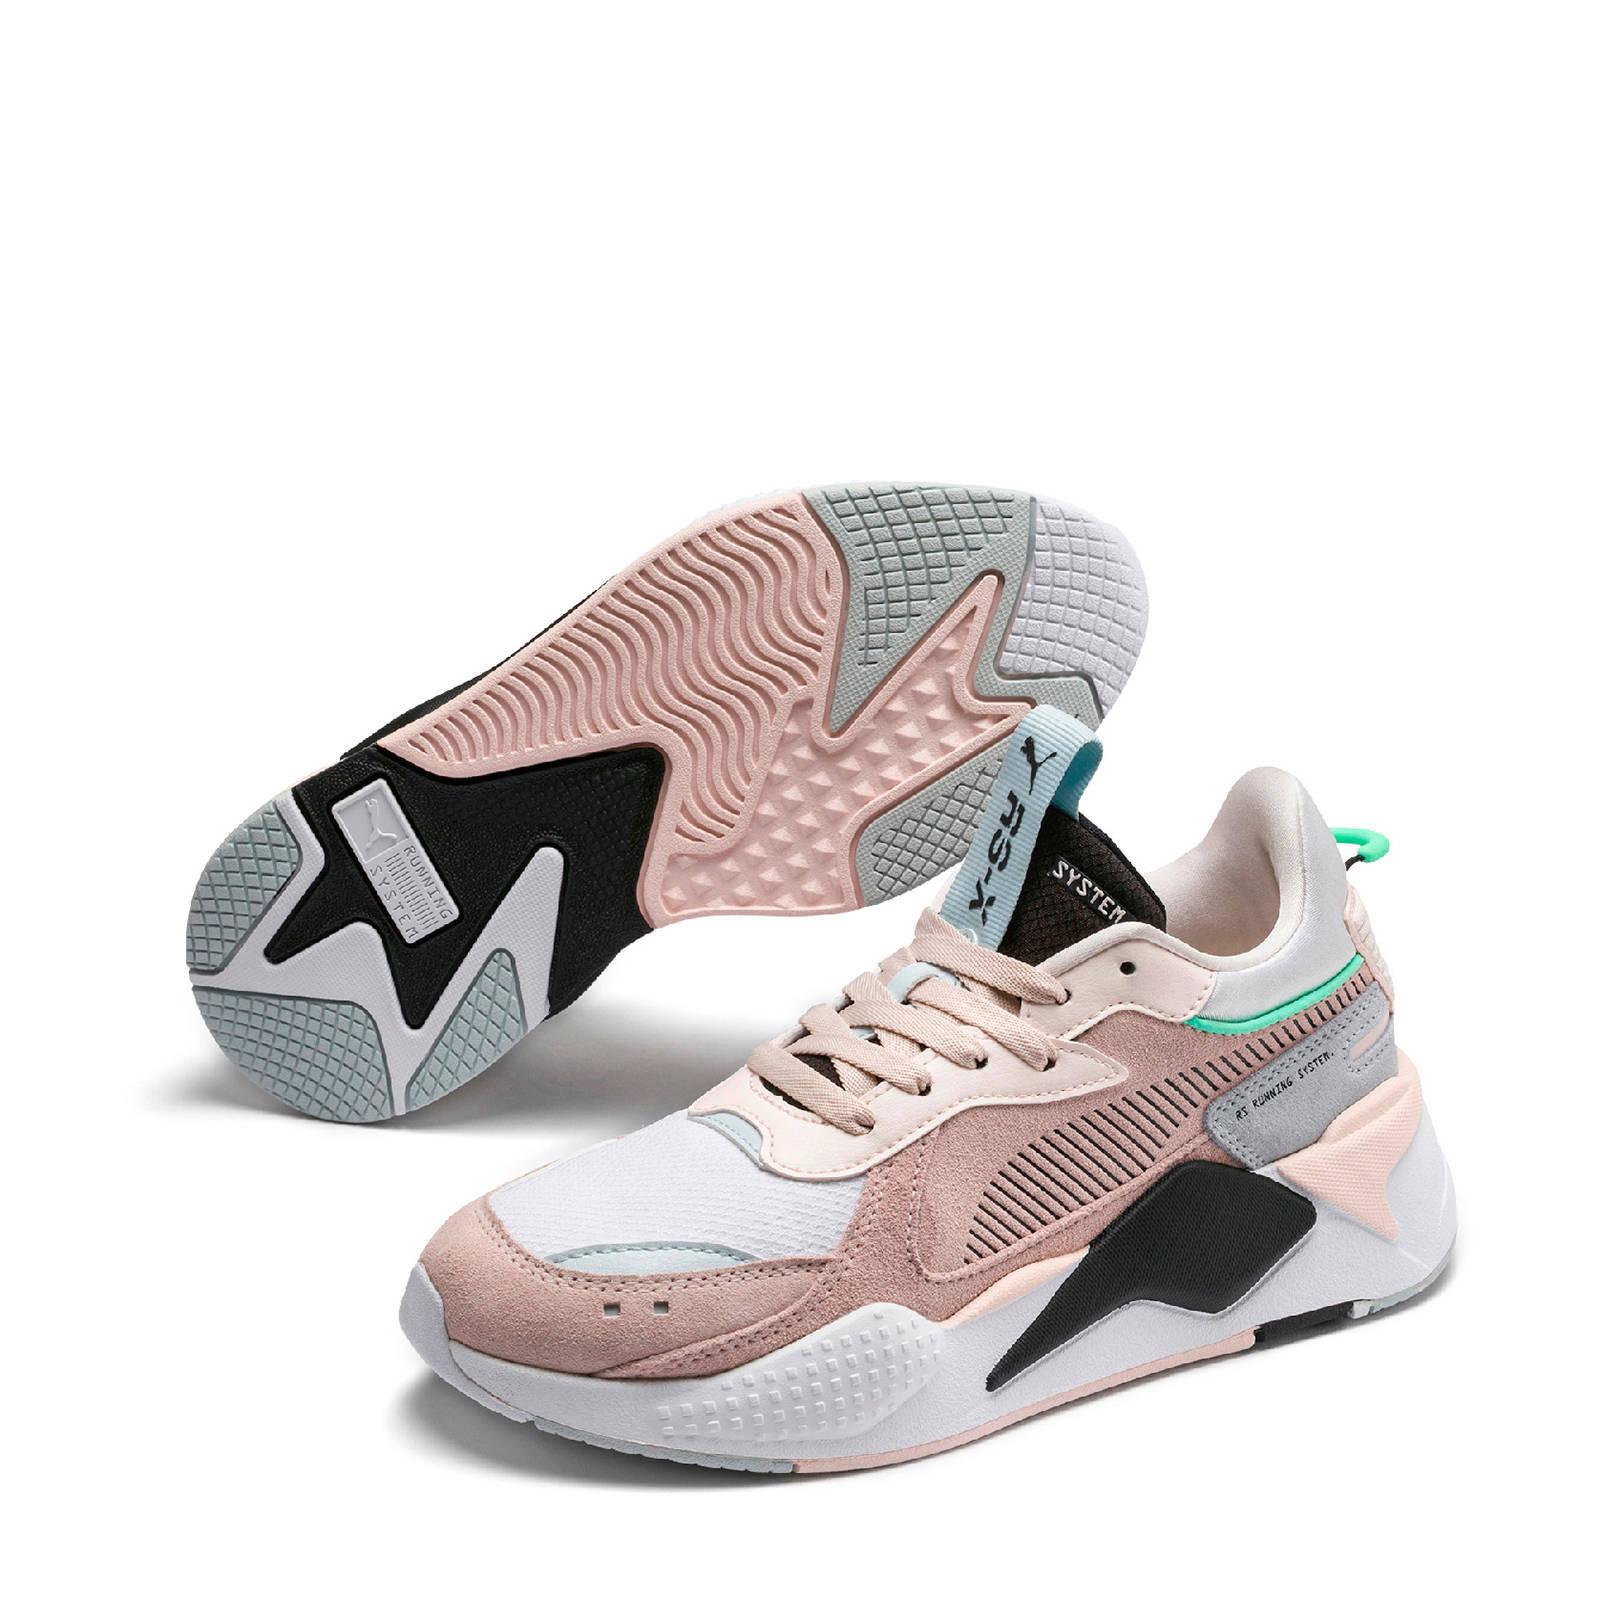 Puma RS-X Reinvent suède sneakers oudroze/grijs   wehkamp